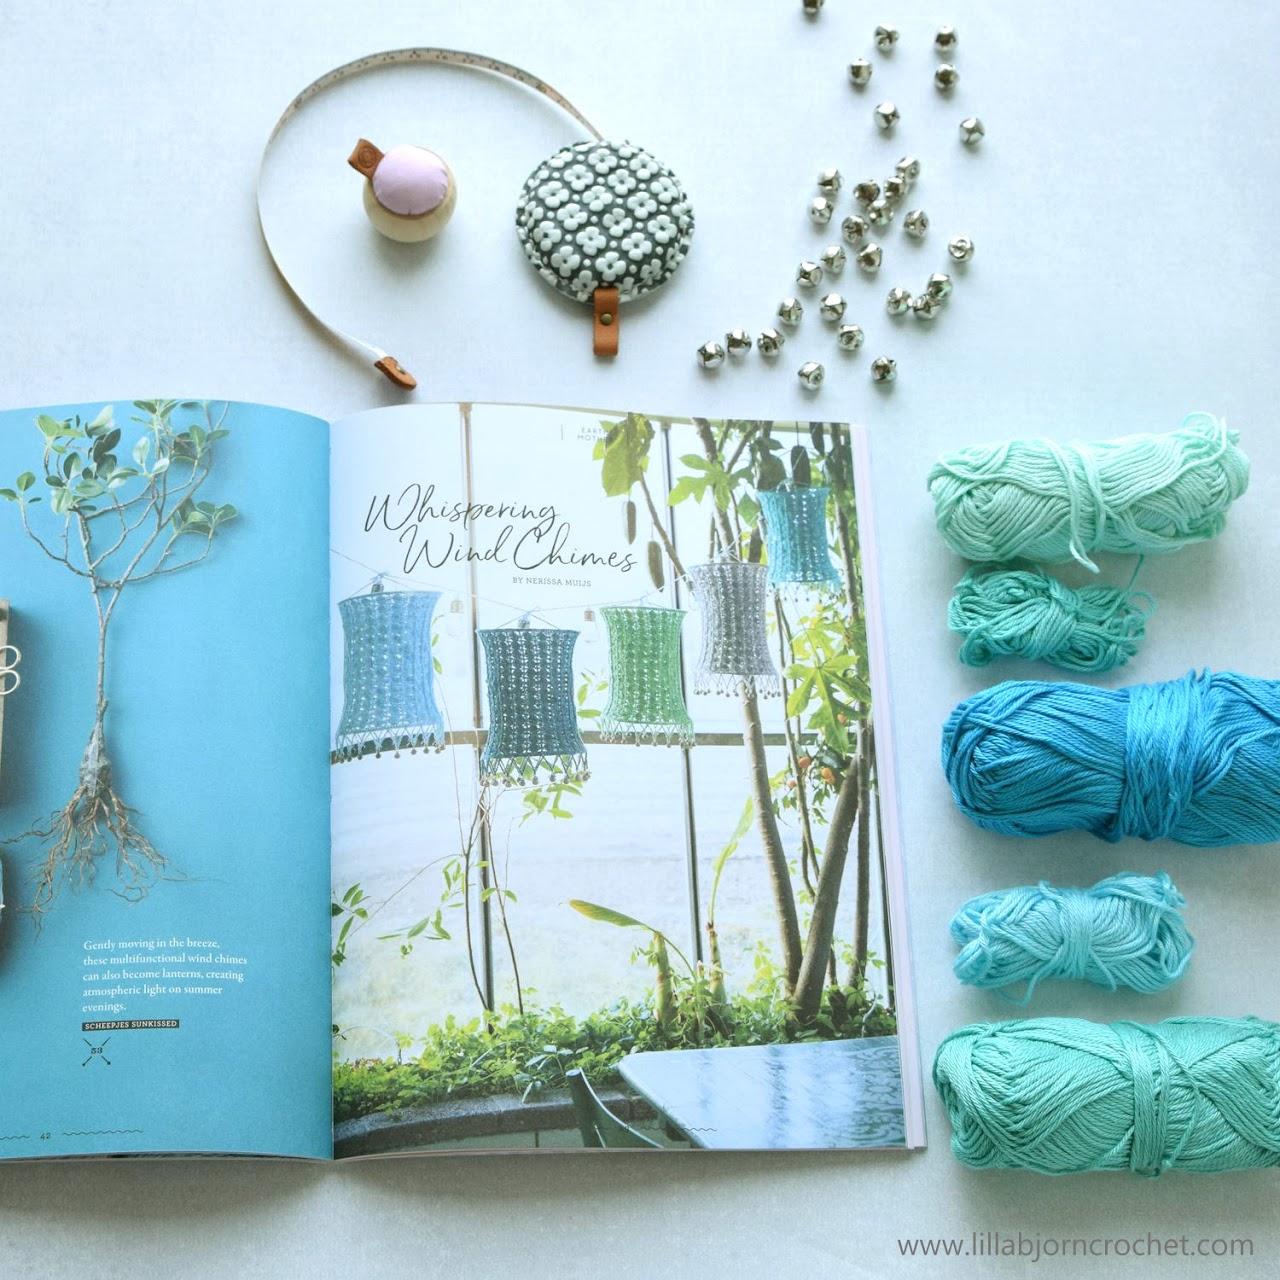 YARN 5 book-a-zine - Scheepjes - review by www.lillabjorncrochet.com